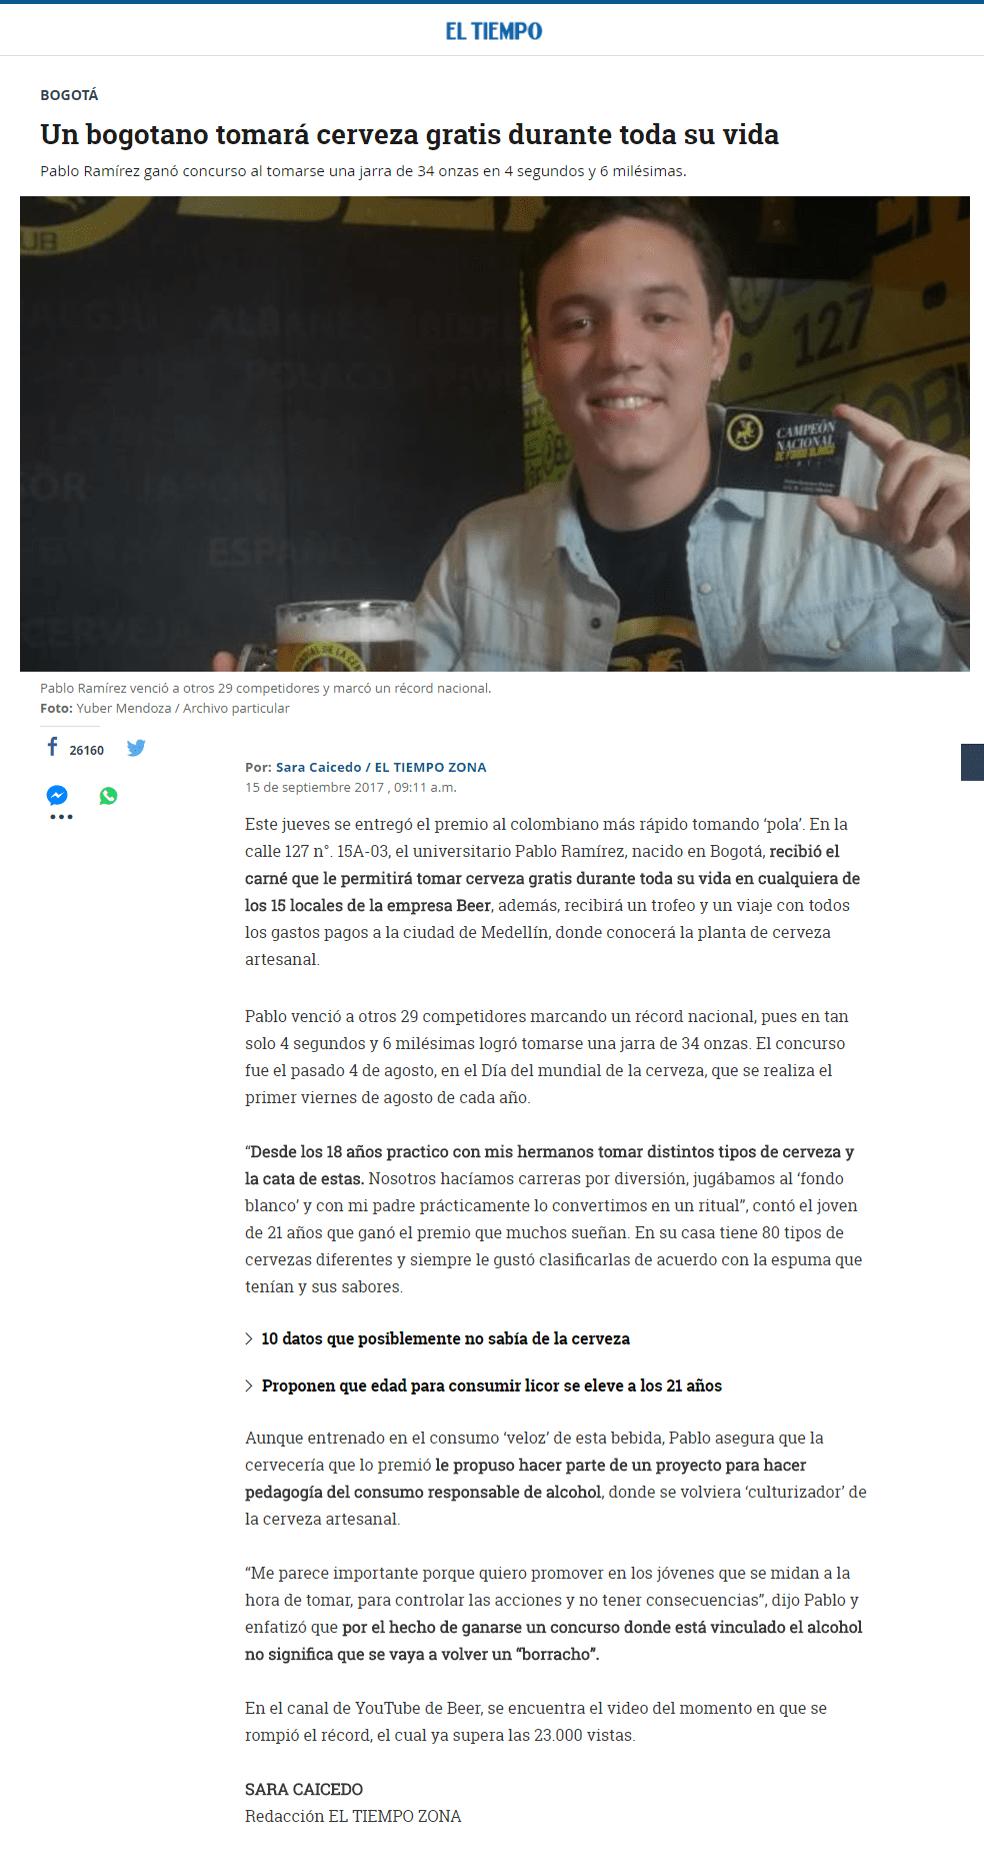 Un bogotano tomará cerveza gratis durante toda su vida